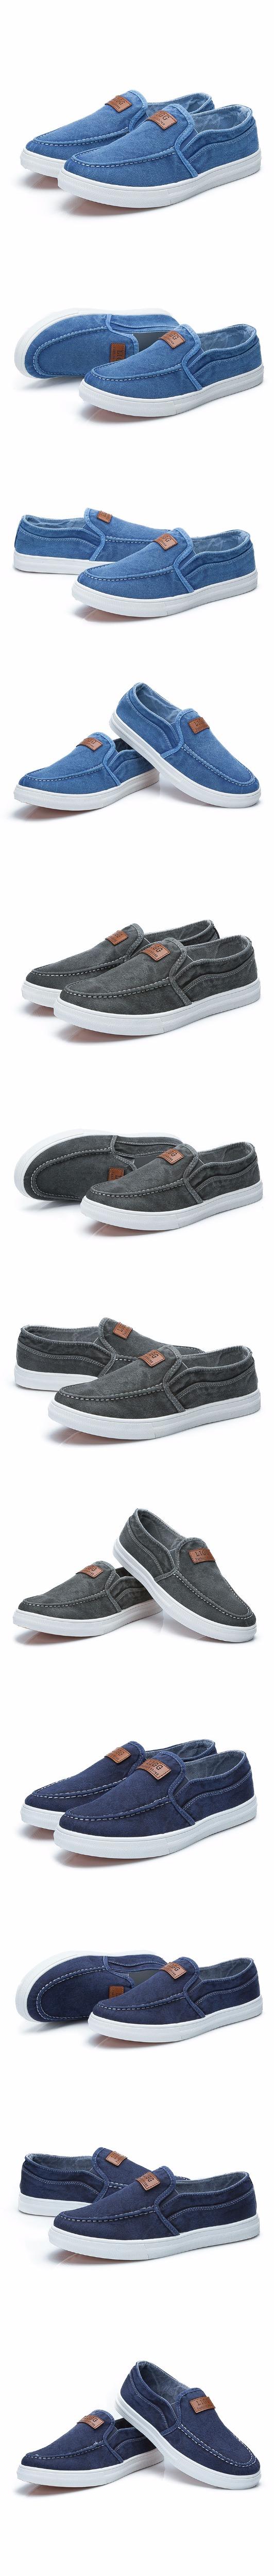 2017 New Arrival Brand Men's Casual Shoes Canvas Male Shoes Fashion Men Shoes5